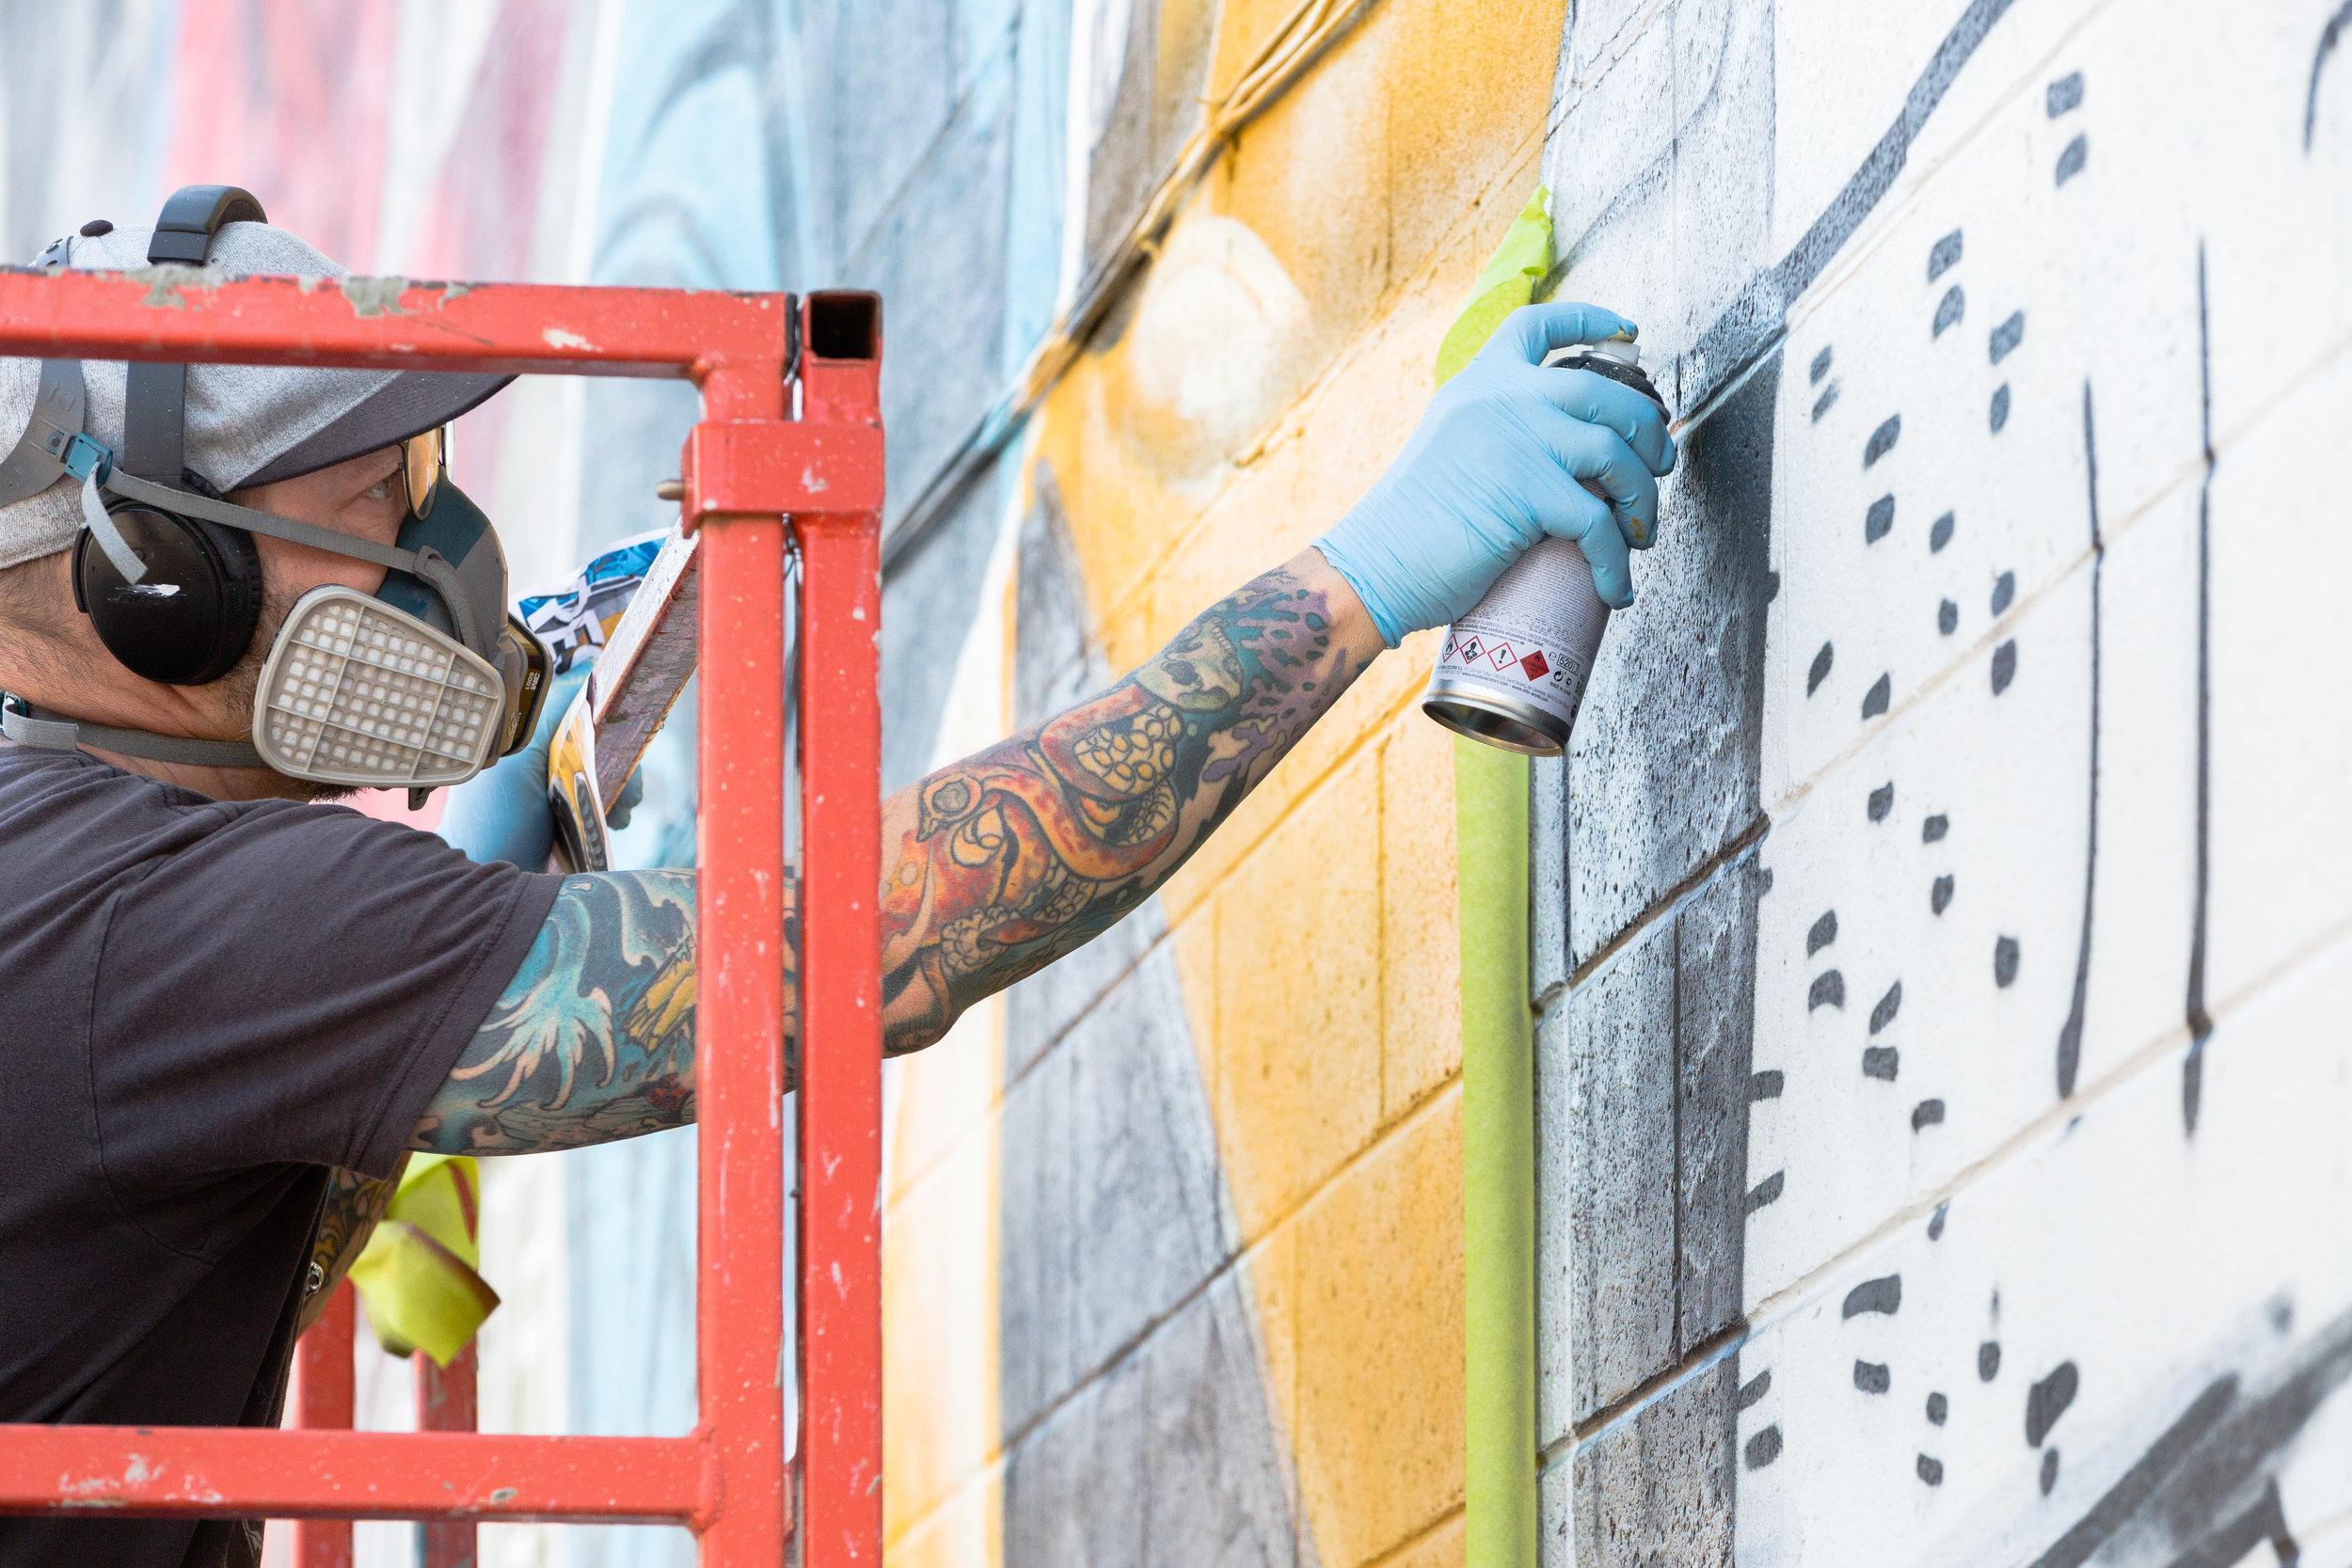 BMW_Mural-19.JPG